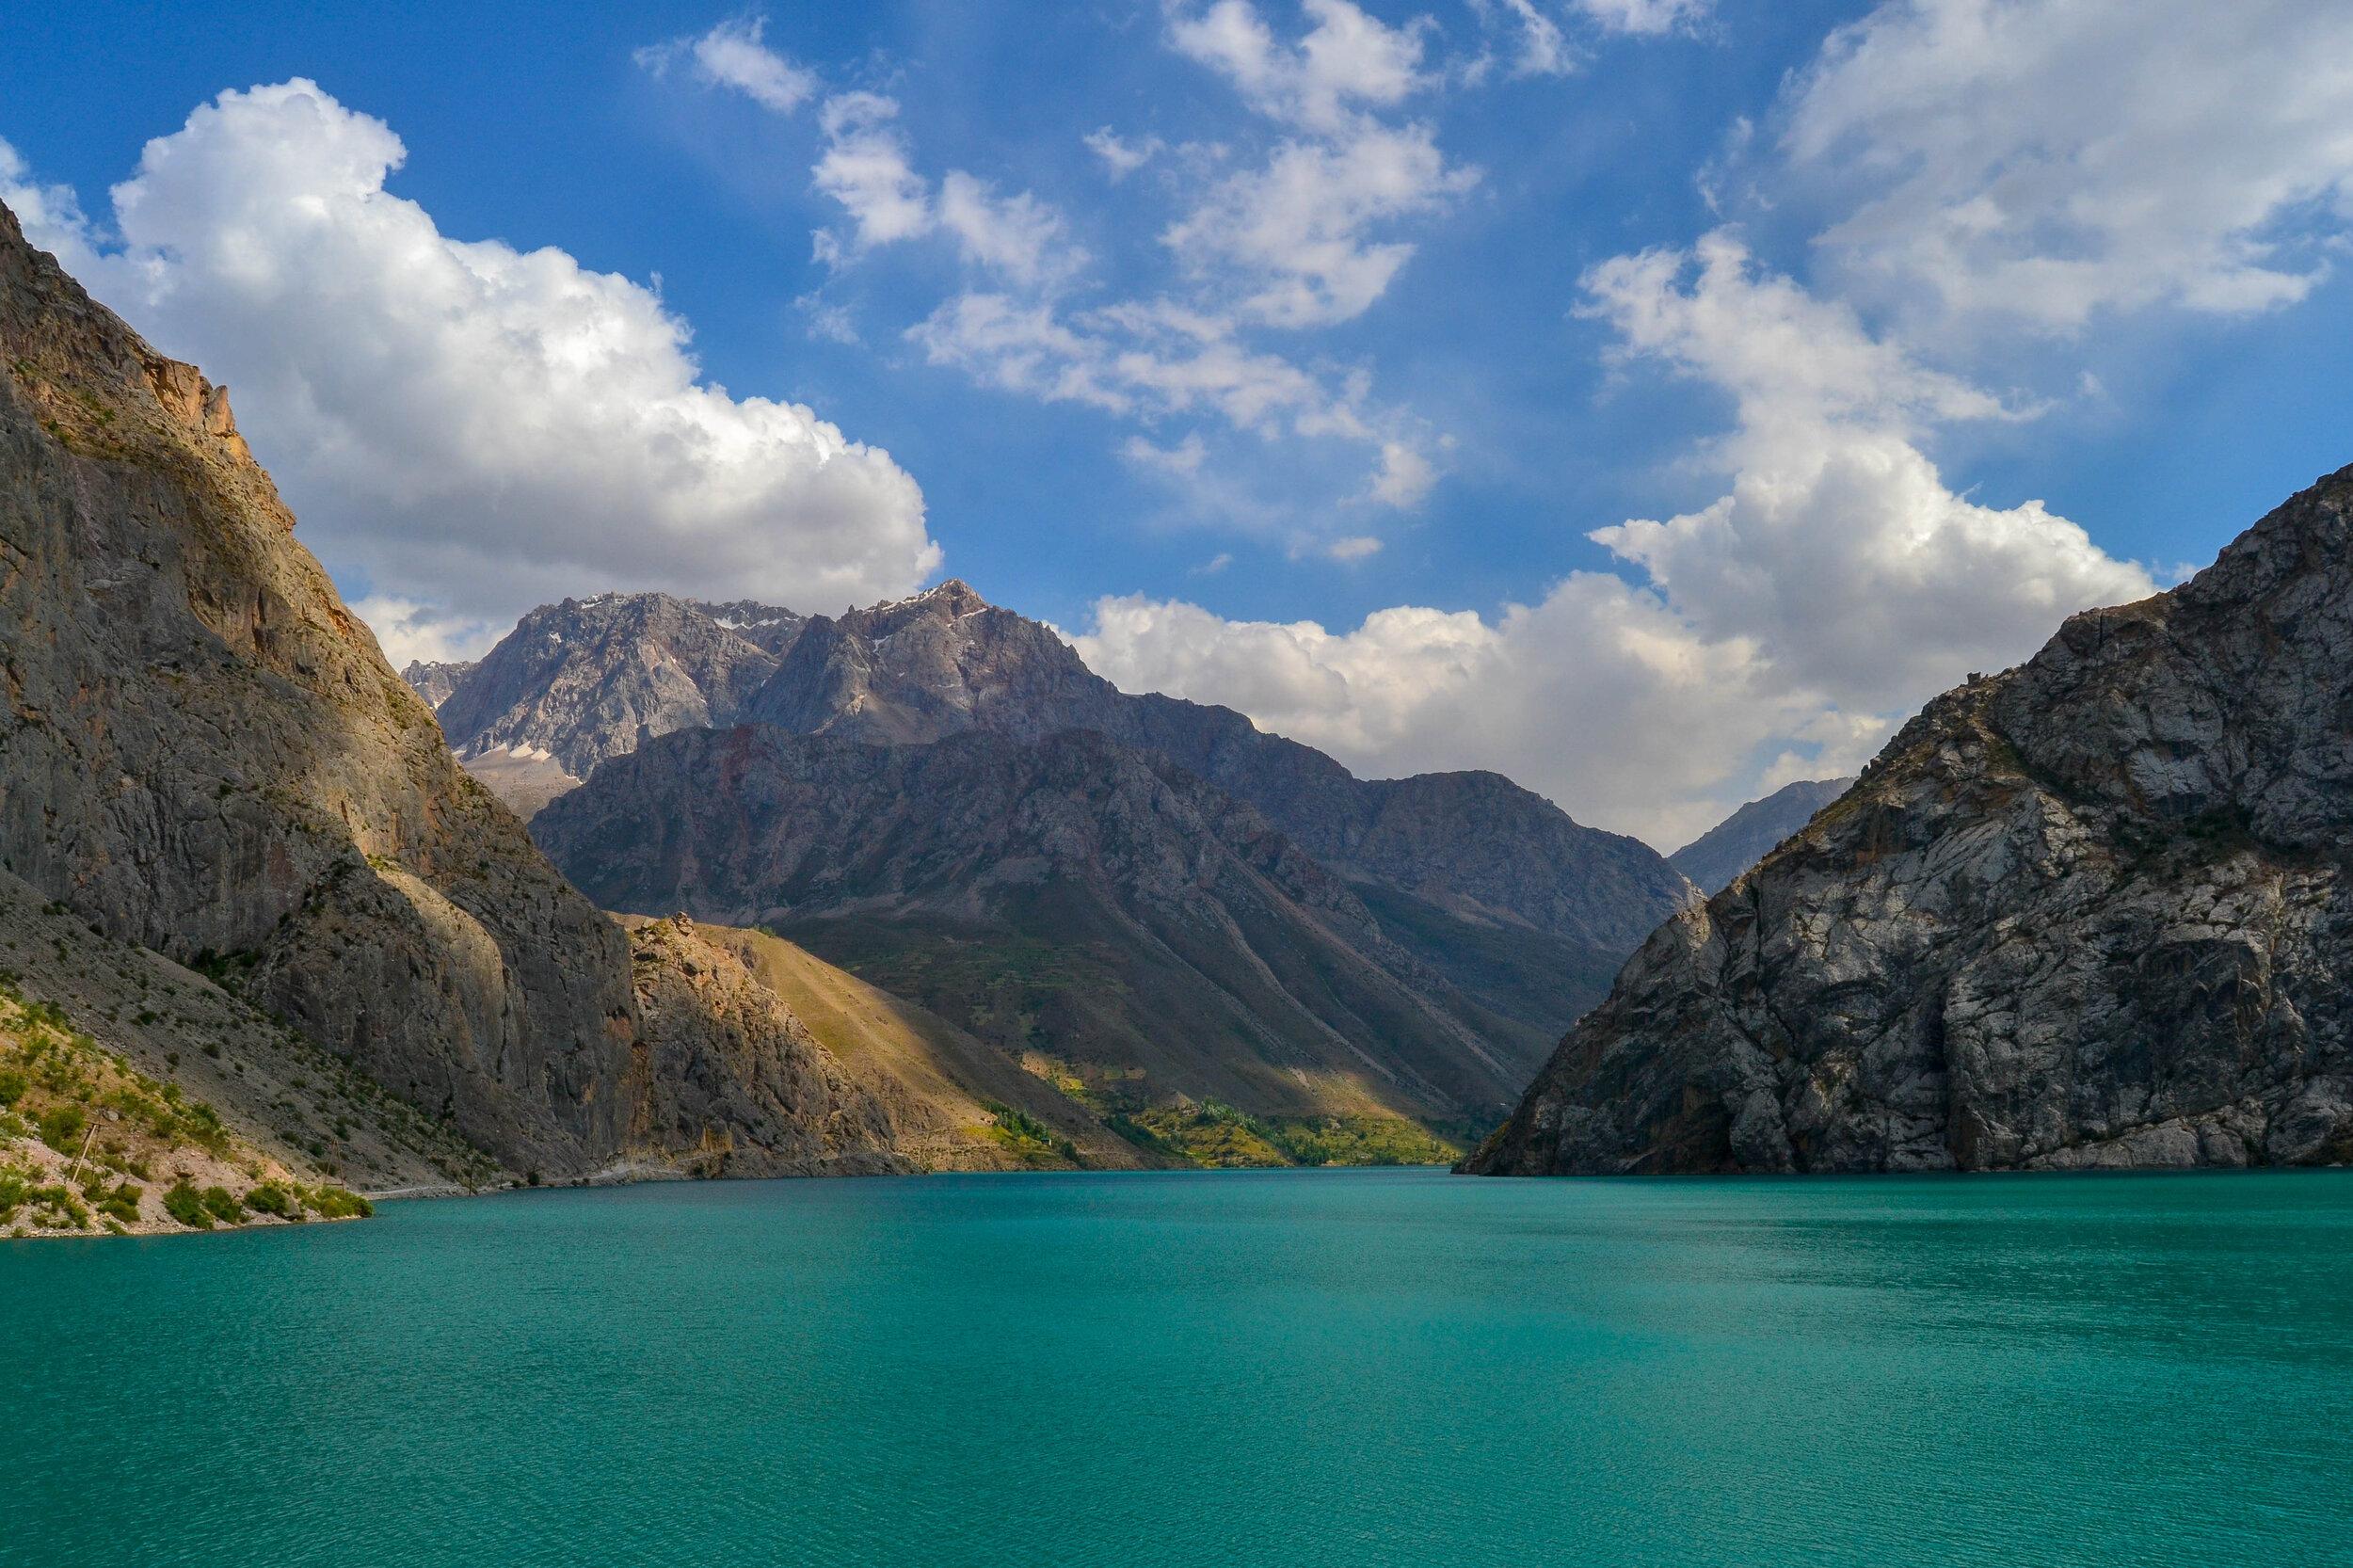 The Fann Mountains of western Tajikistan